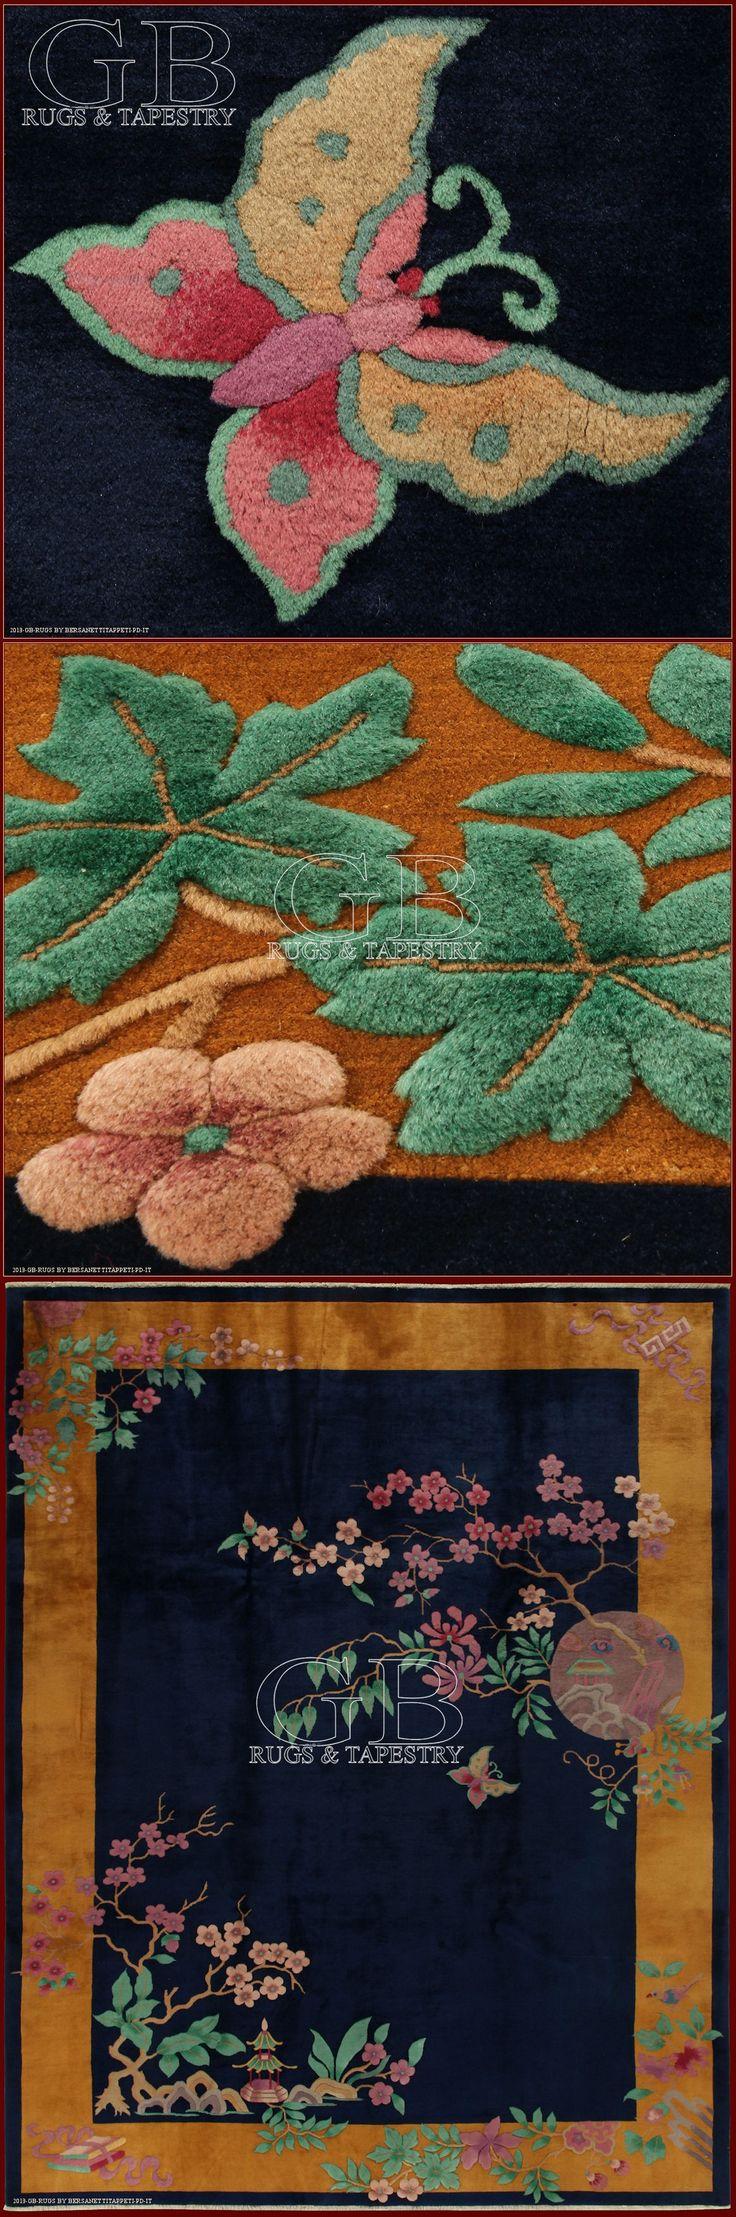 I tappeti cinesi Nichols, comunemente chiamati anche Cina Déco, nascono intorno agli anni 20 per iniziativa di Walter Nichols , mercante statunitense che trasferitosi in Cina aprì nel 1924 una manifattura di tappeti particolarmente diversi rispetto al tradizionali tappeti cinesi.